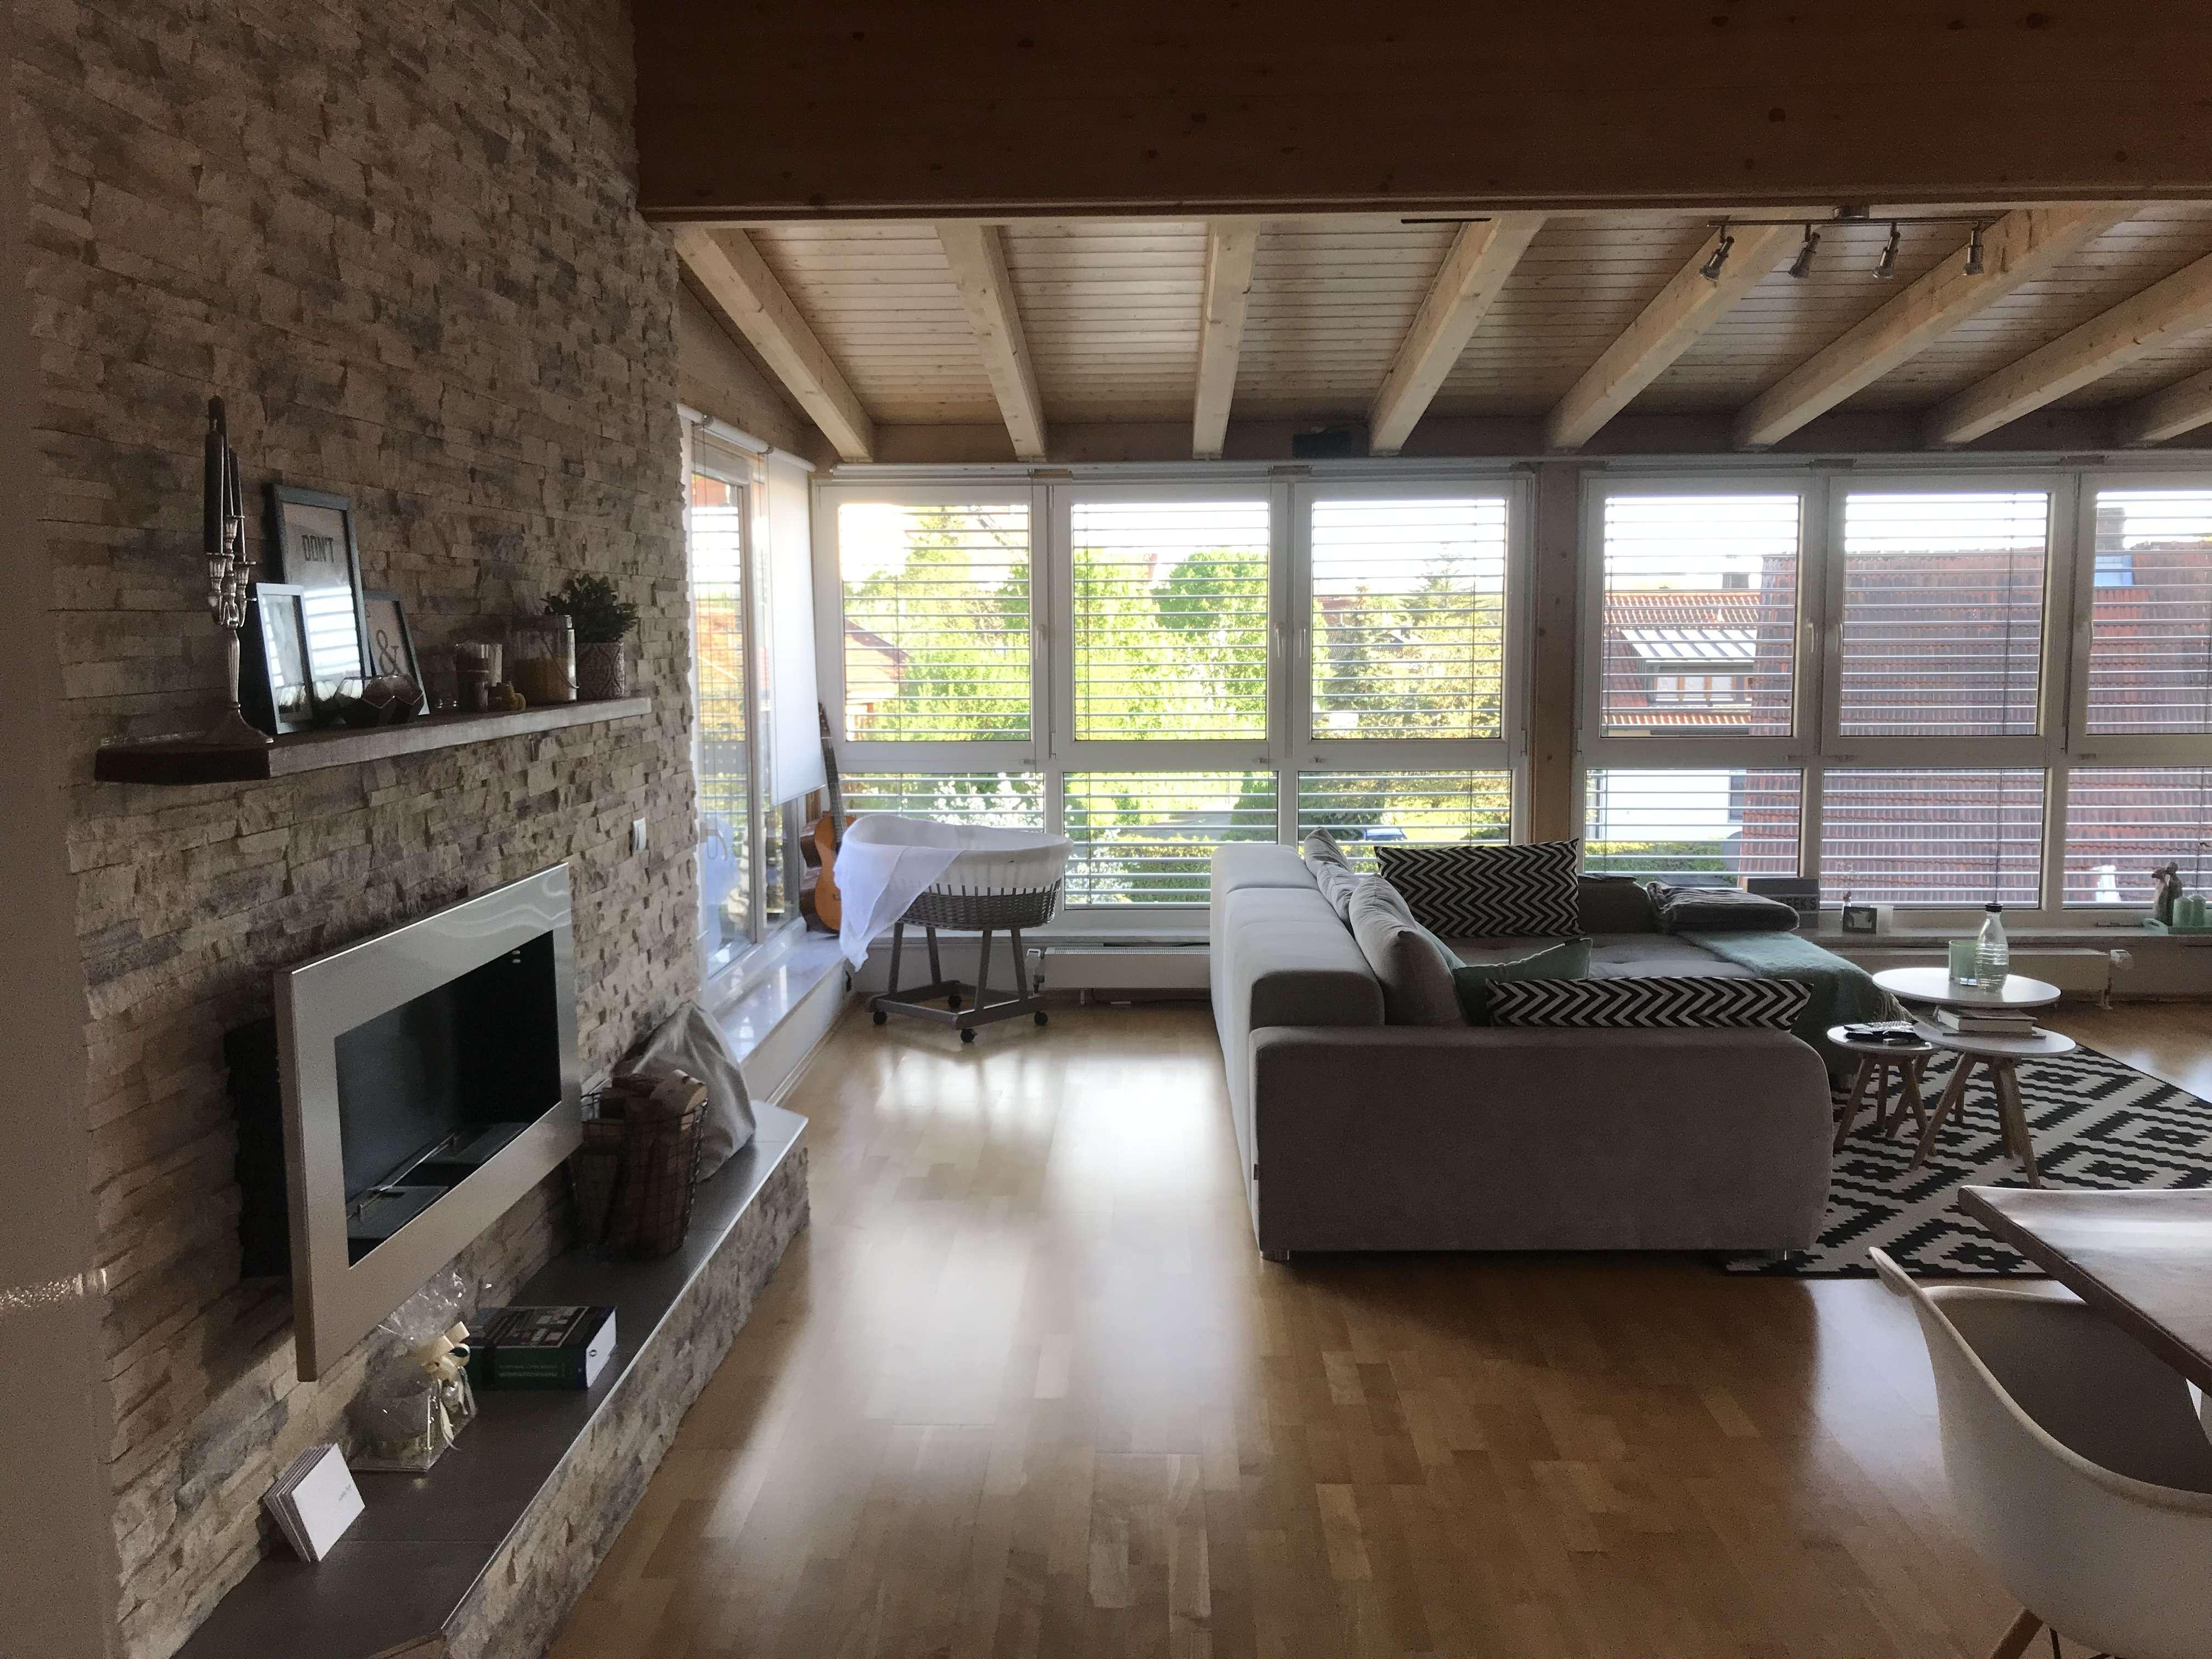 Einmalige Gelegenheit! Hochwertiges Penthouse mit schöner Dachterrasse in ruhiger Siedlungslage in